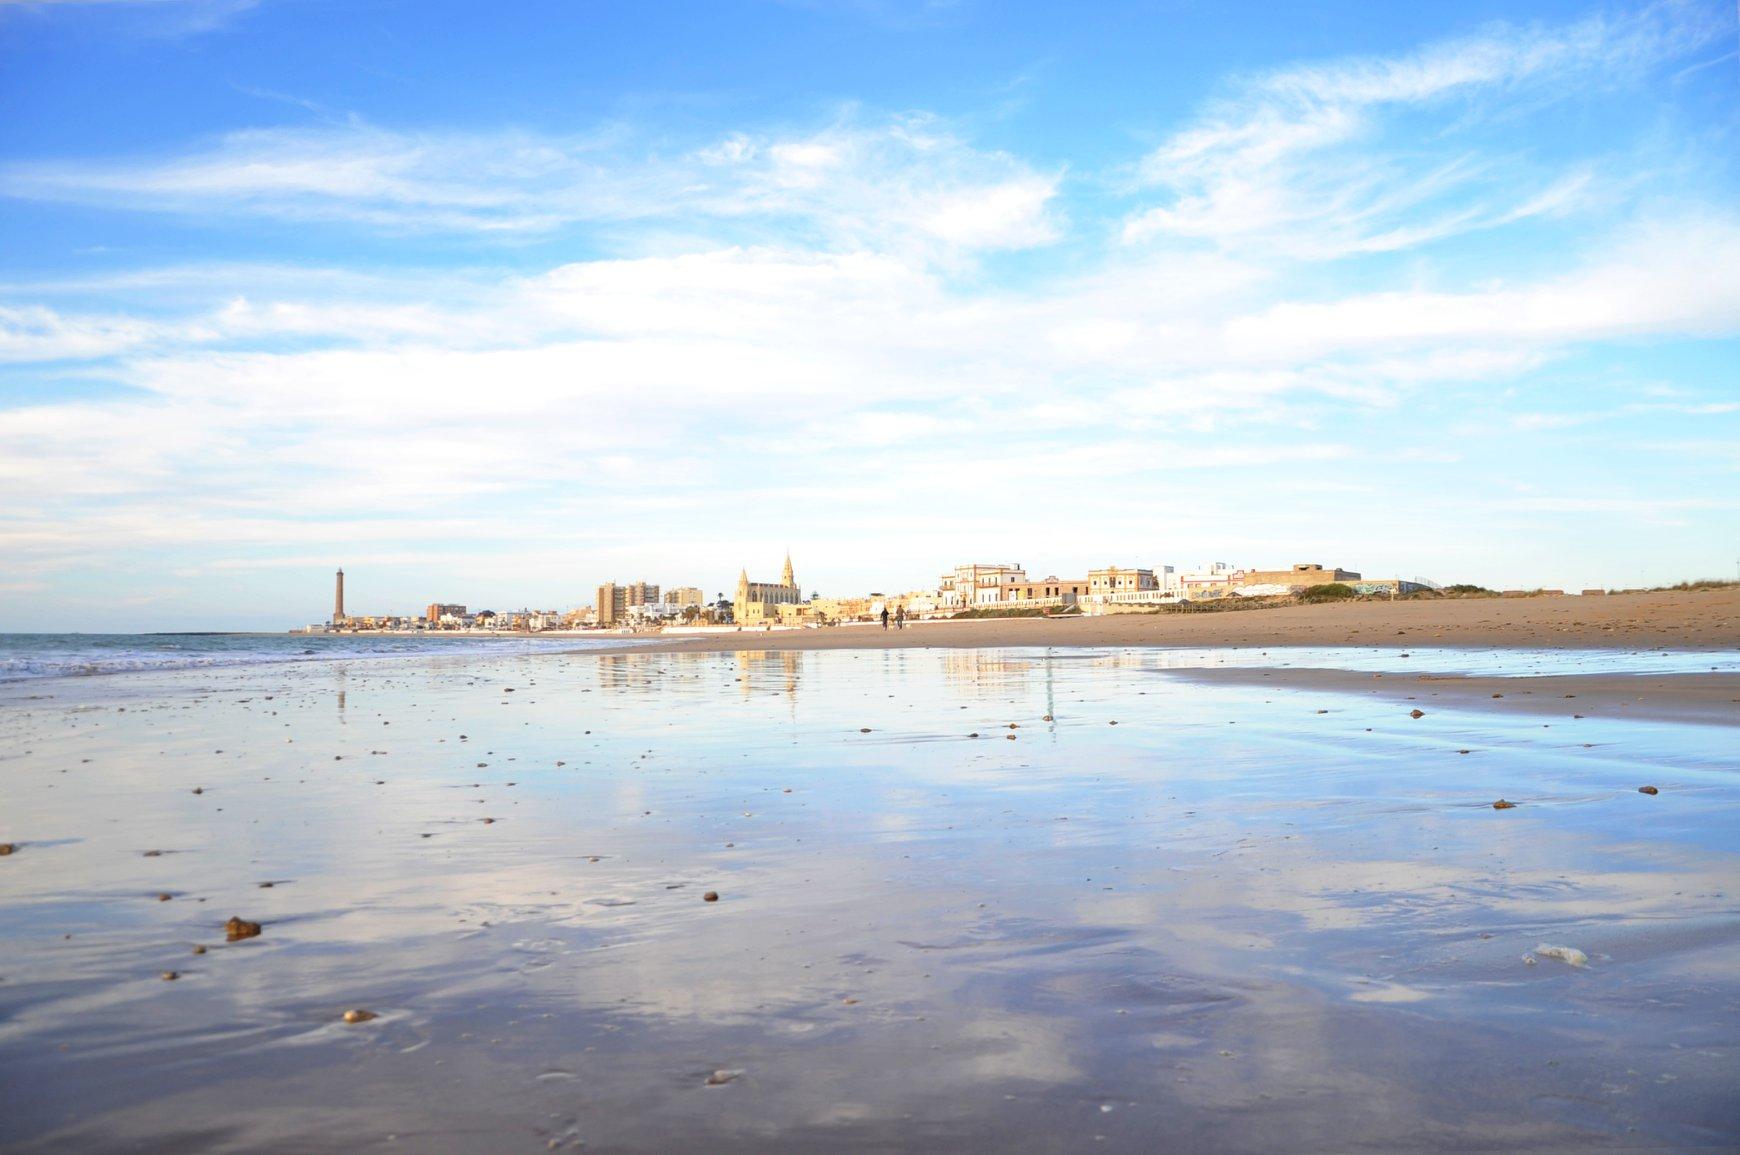 Playa de Camarón